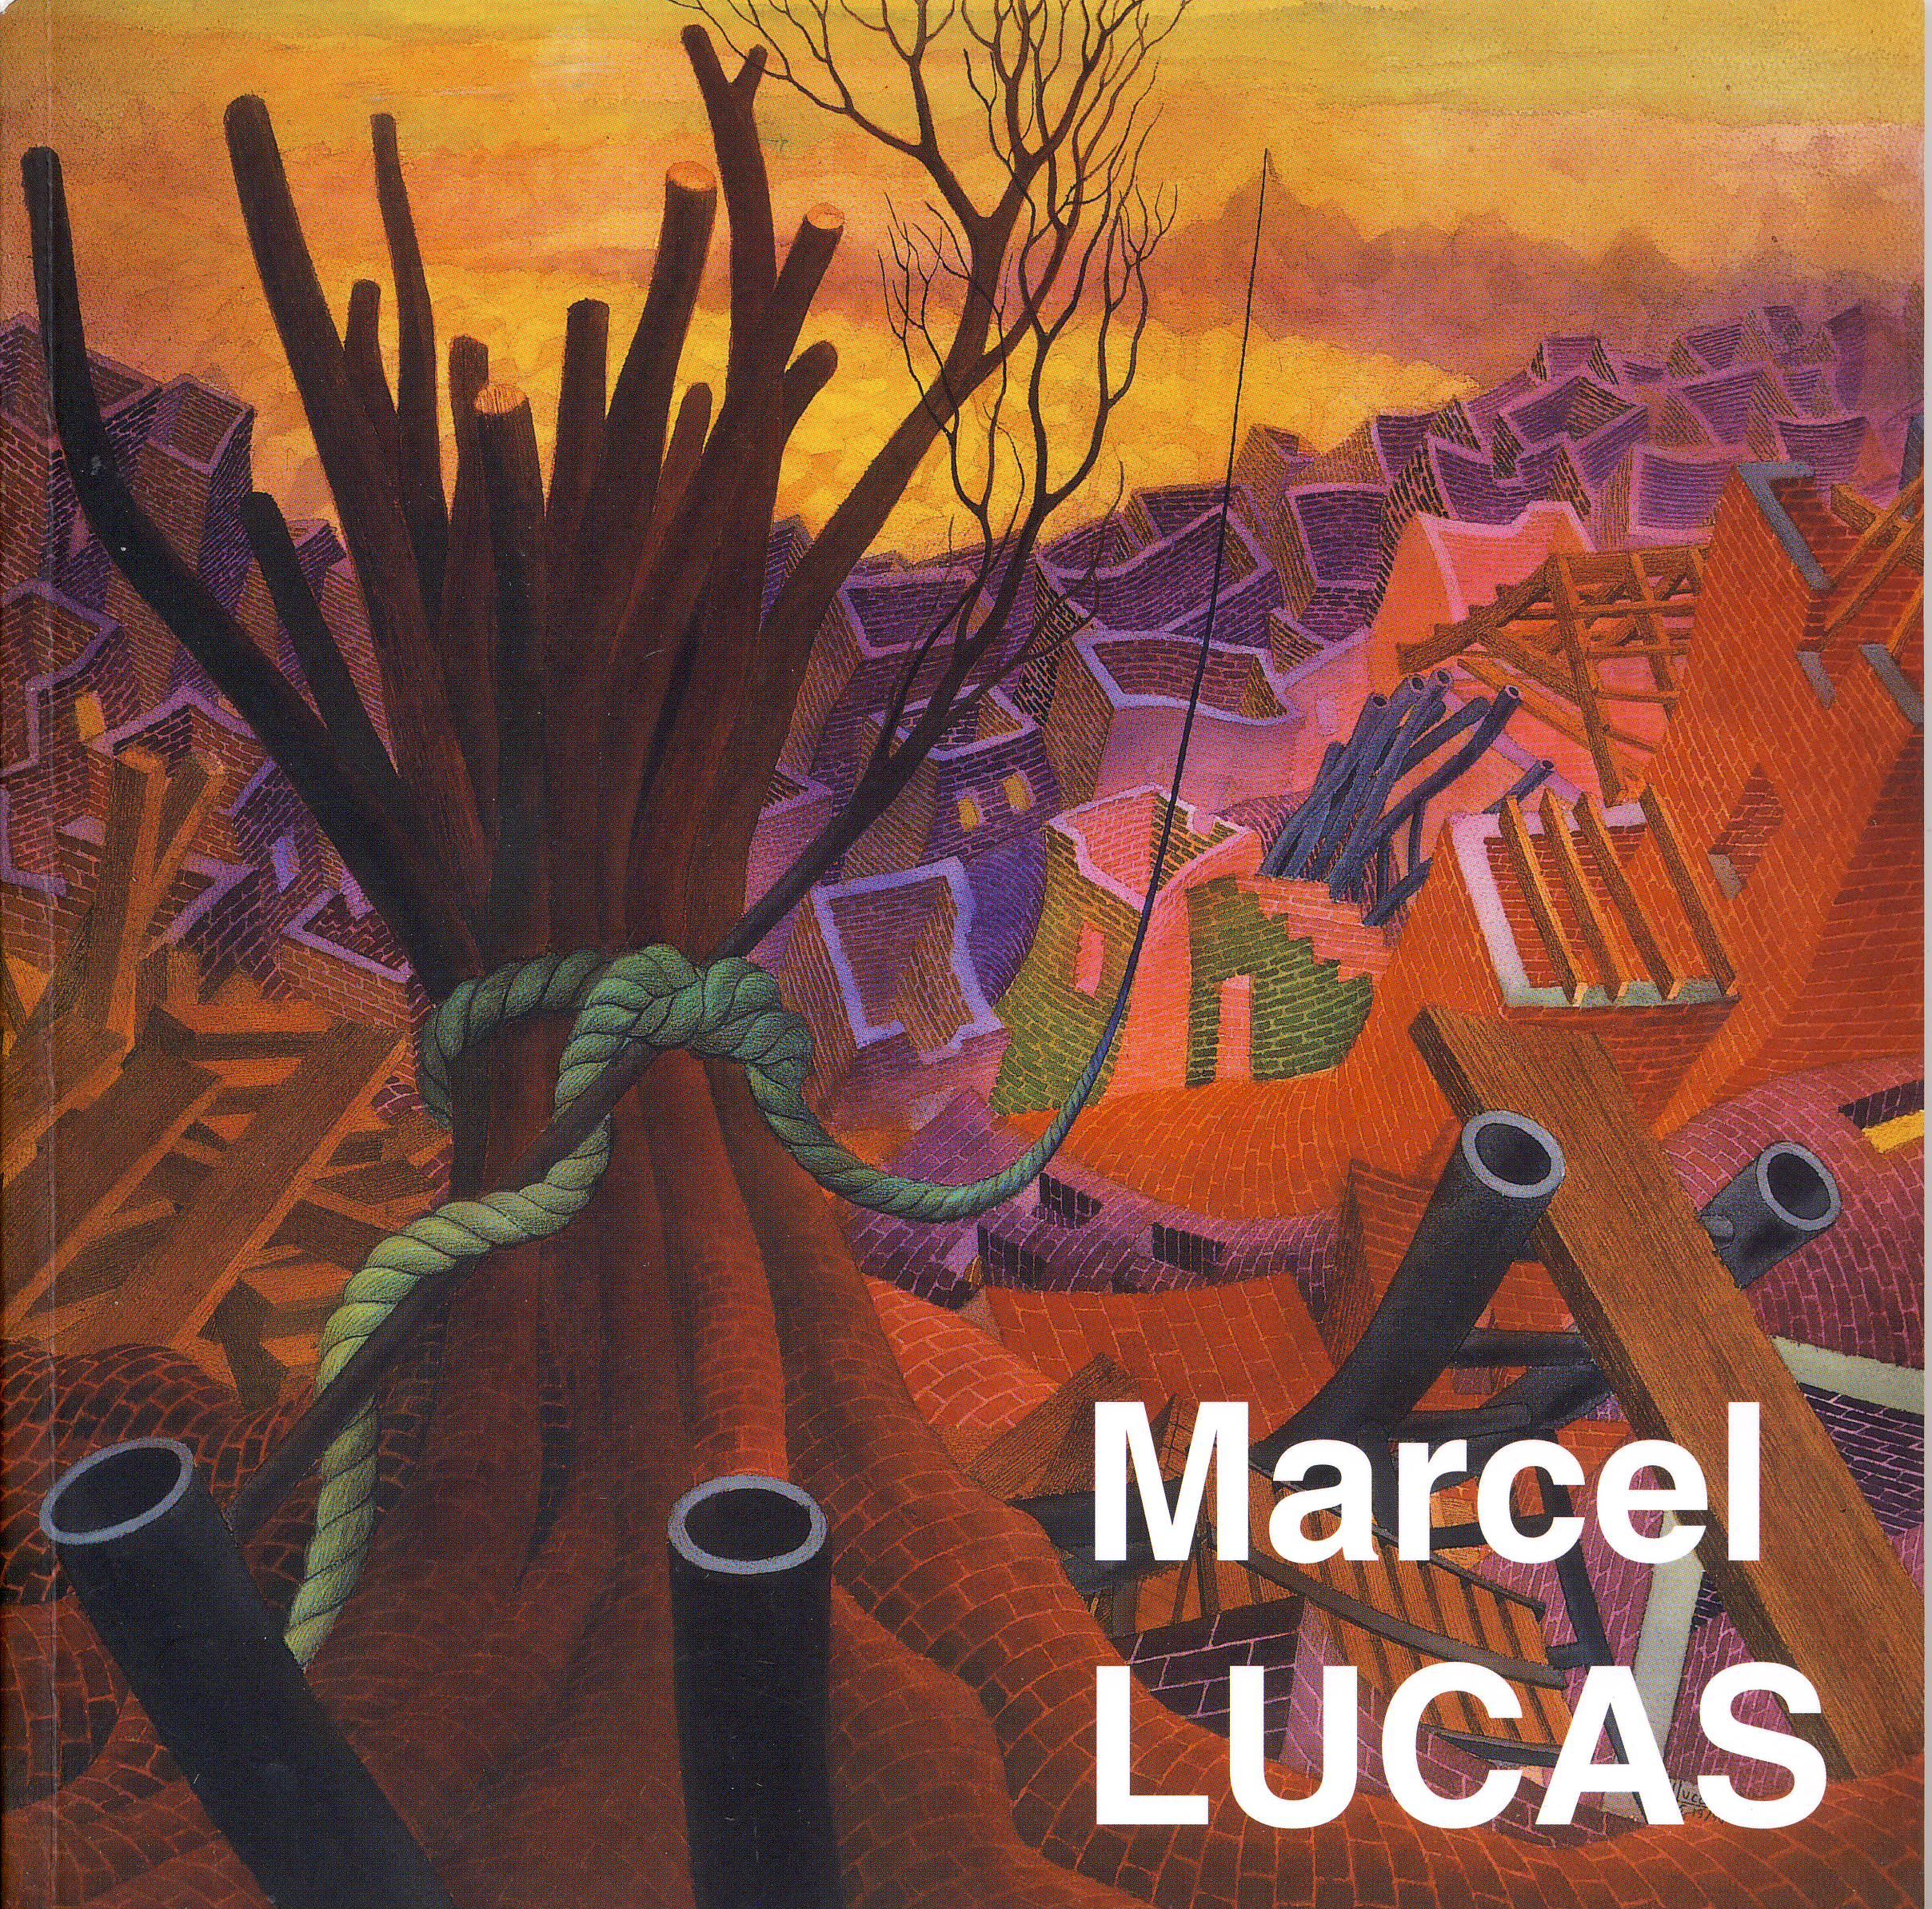 Marcel Lucas